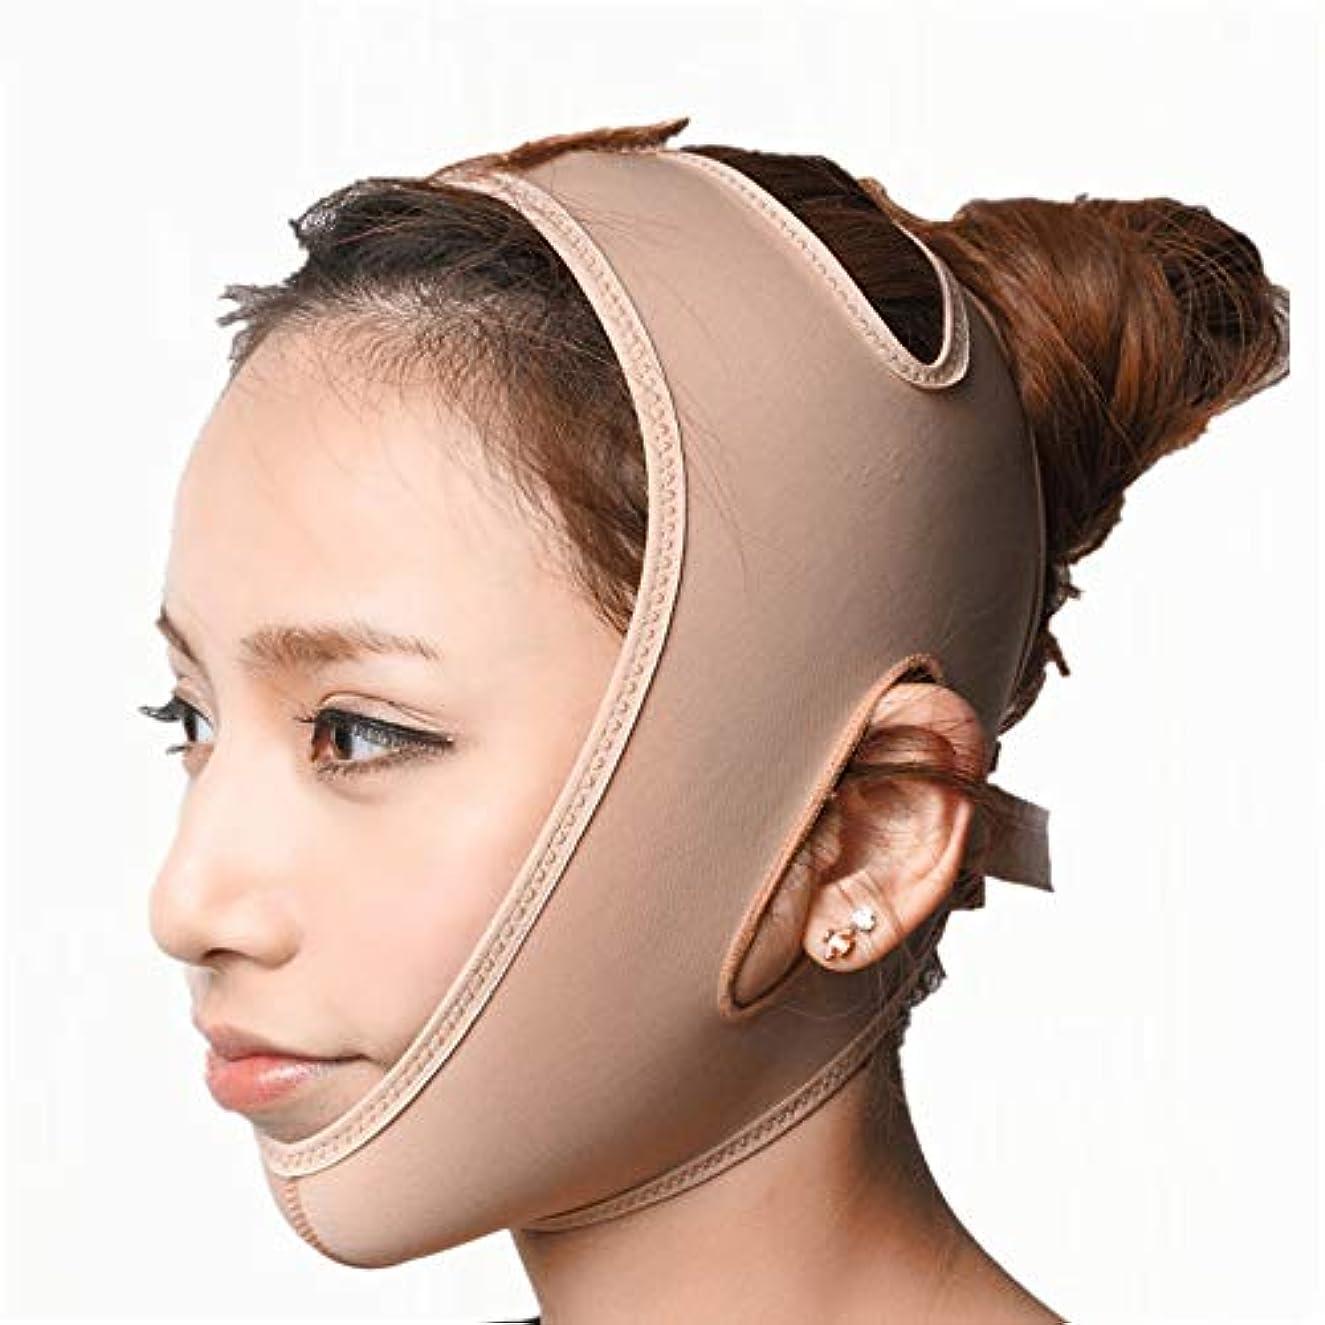 強制的用語集ボンドGYZ 顔の持ち上がる痩身ベルト - アンチエイジングリンクルフェイスマスクベルトシンフェイス包帯整形マスクは顔と首を締めますフェイススリム Thin Face Belt (Size : XL)